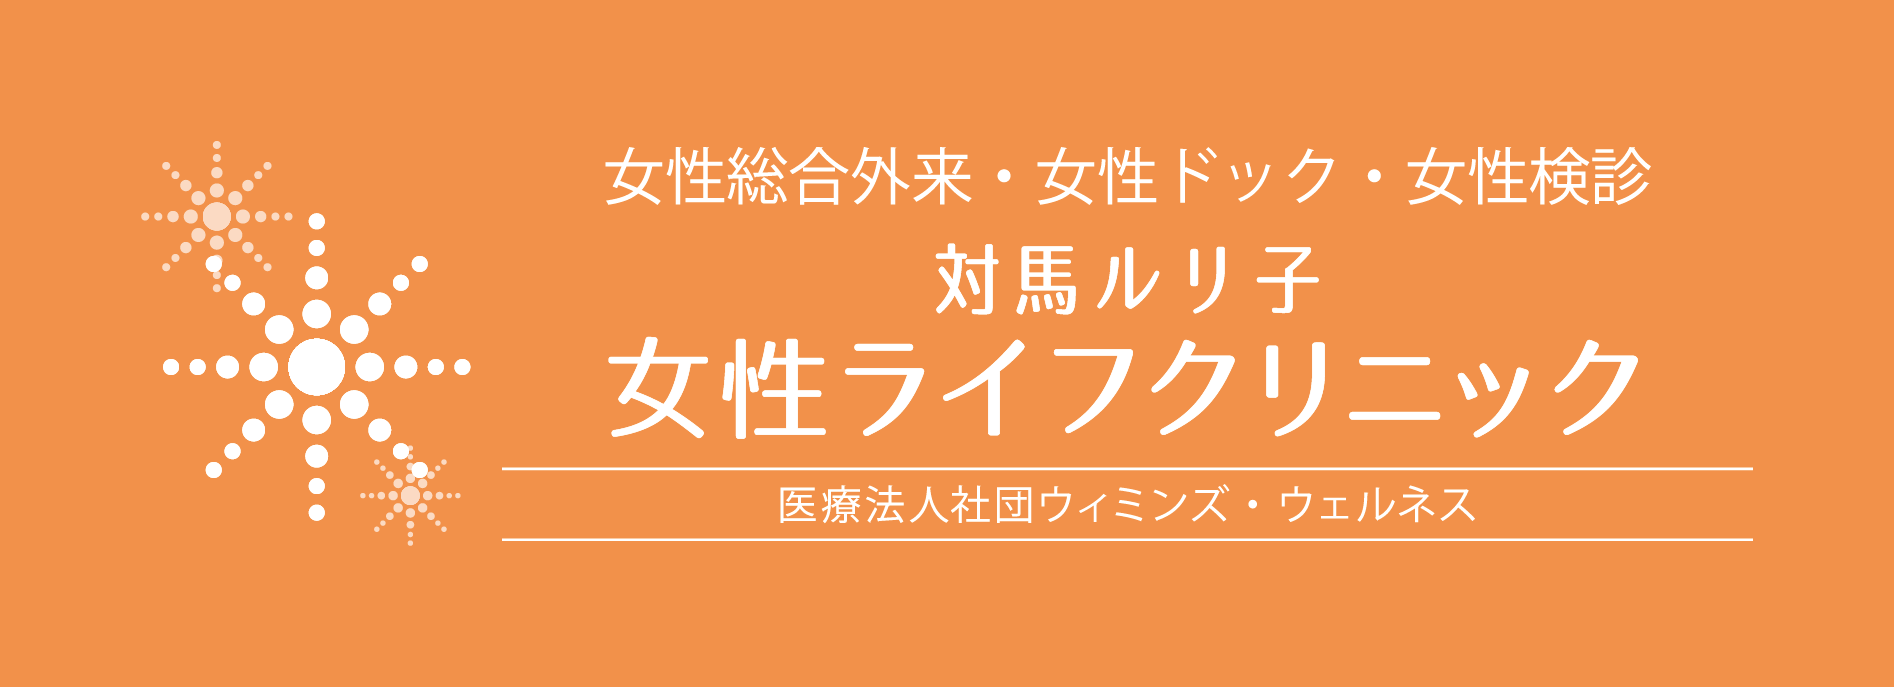 対馬ルリ子女性ライフクリニック|東京都中央区銀座の女医による婦人科・女性検診